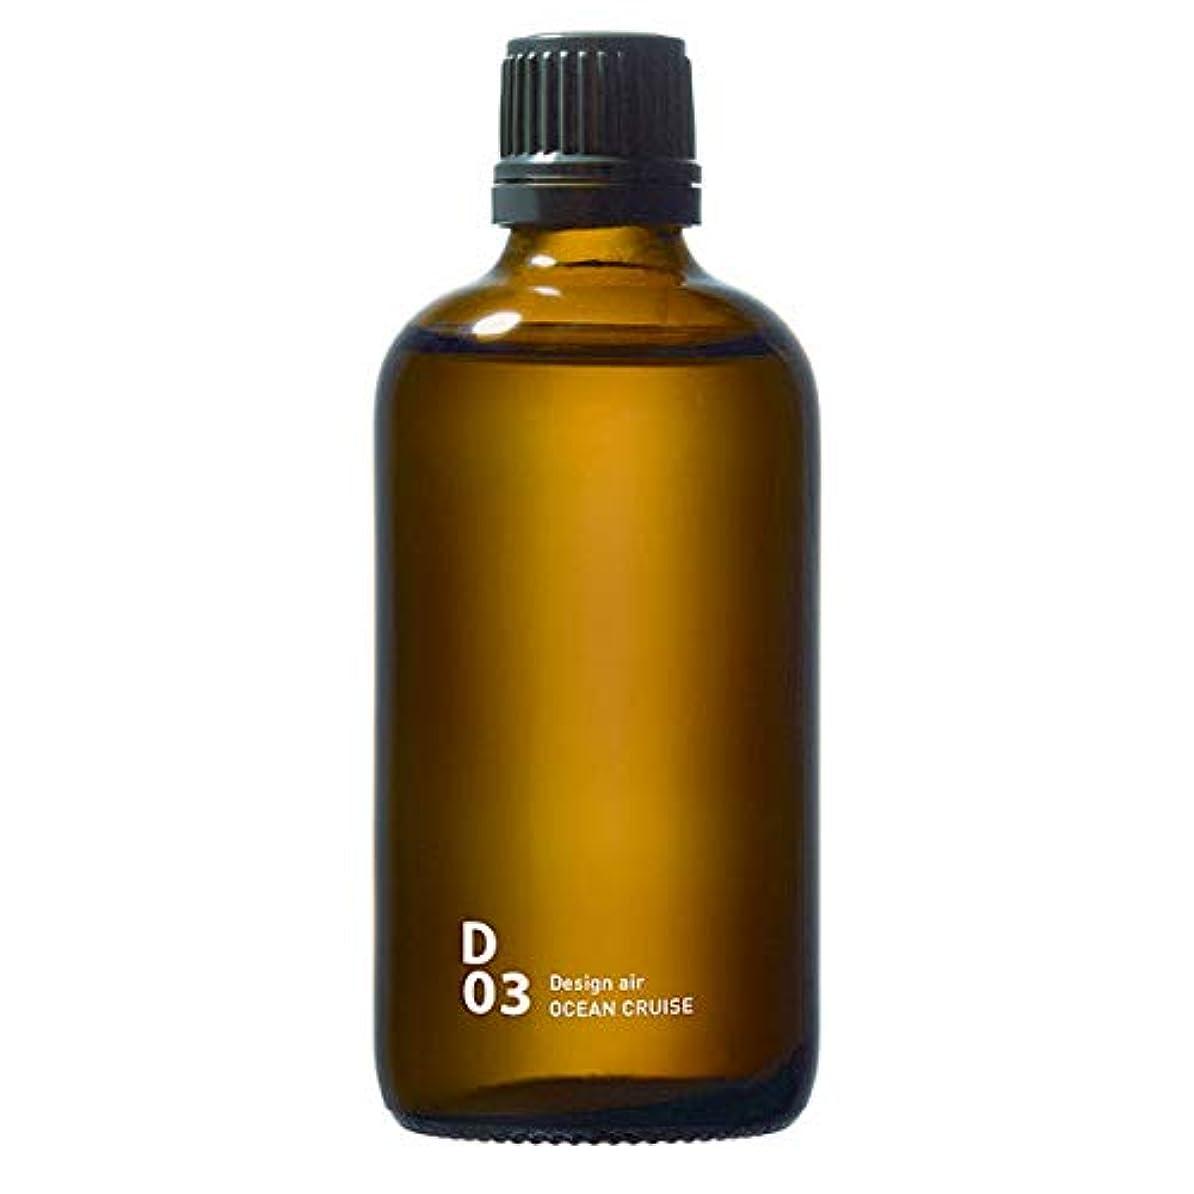 プーノ百科事典フレアD03 OCEAN CRUISE piezo aroma oil 100ml